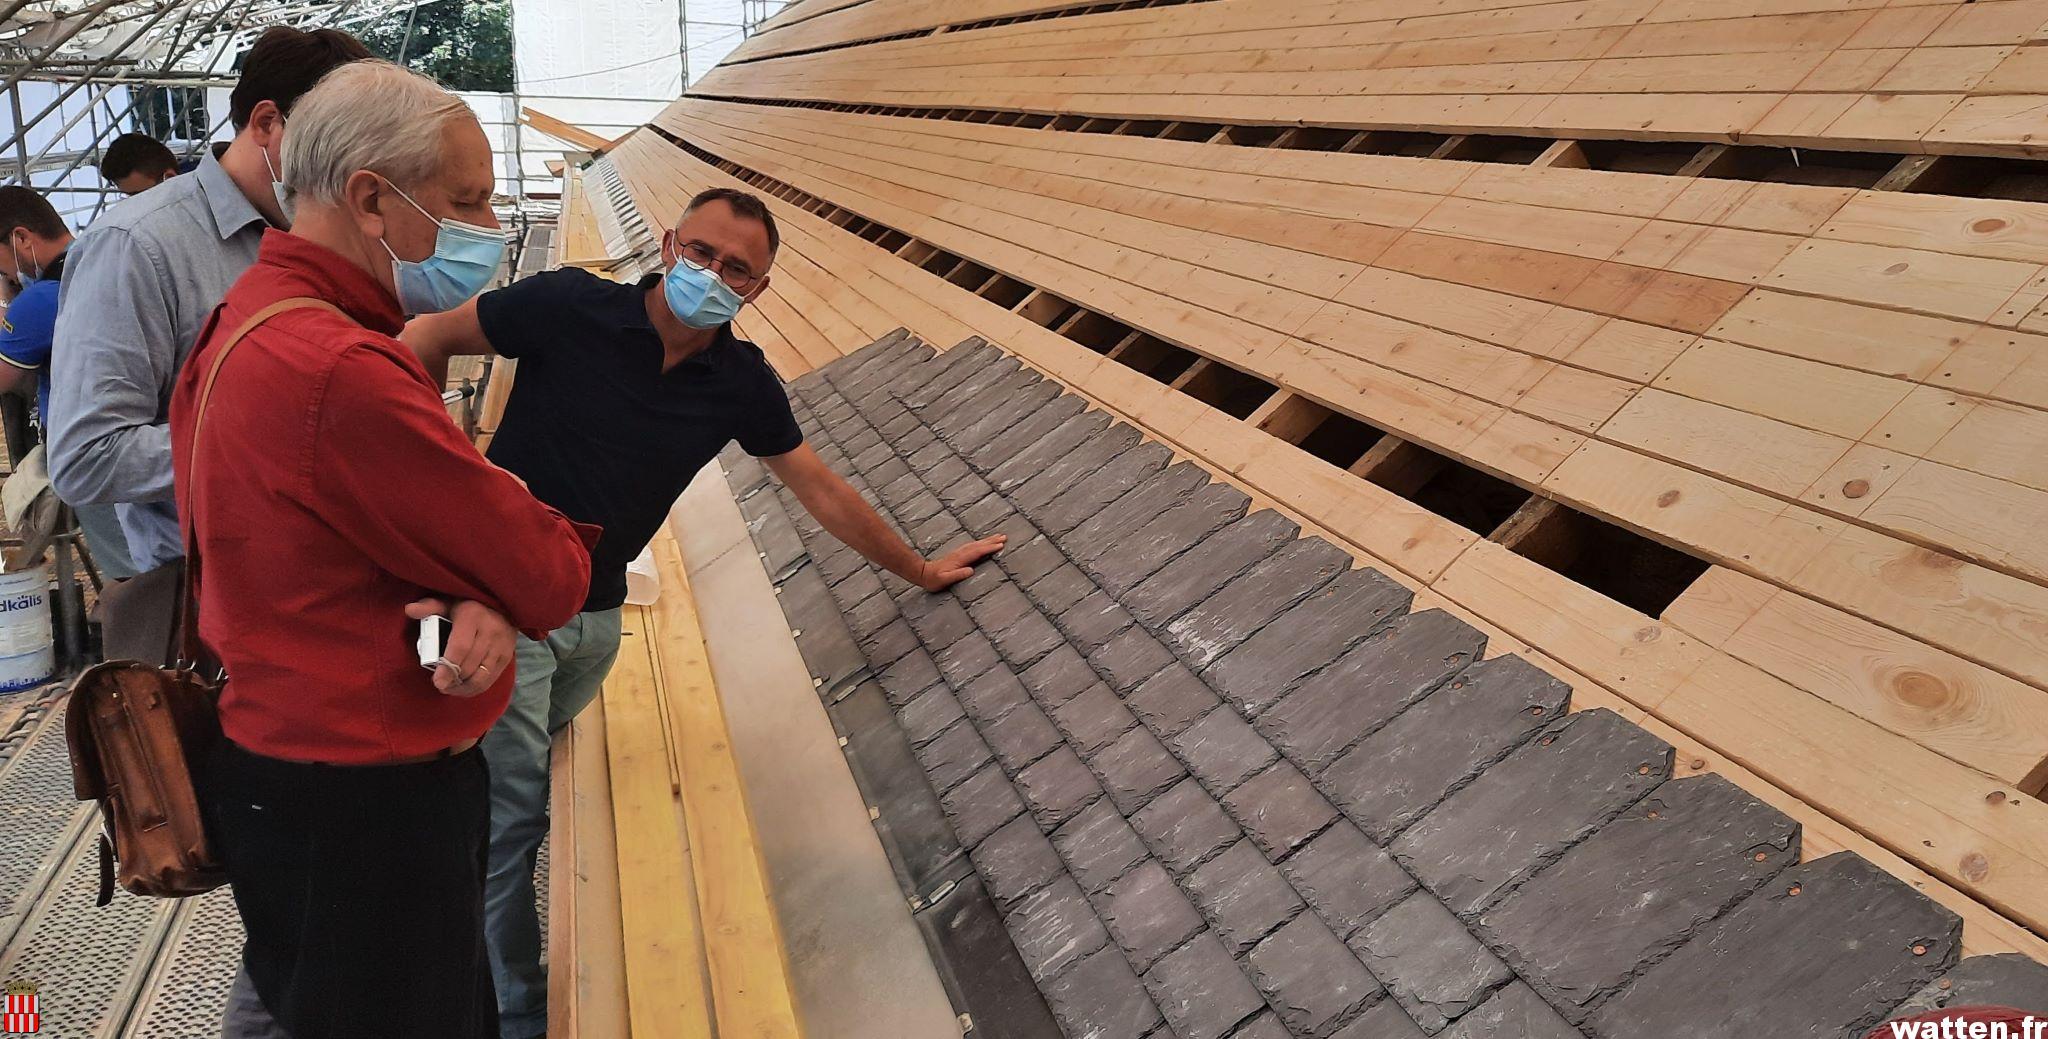 Travaux de rénovation de la toiture de l'église